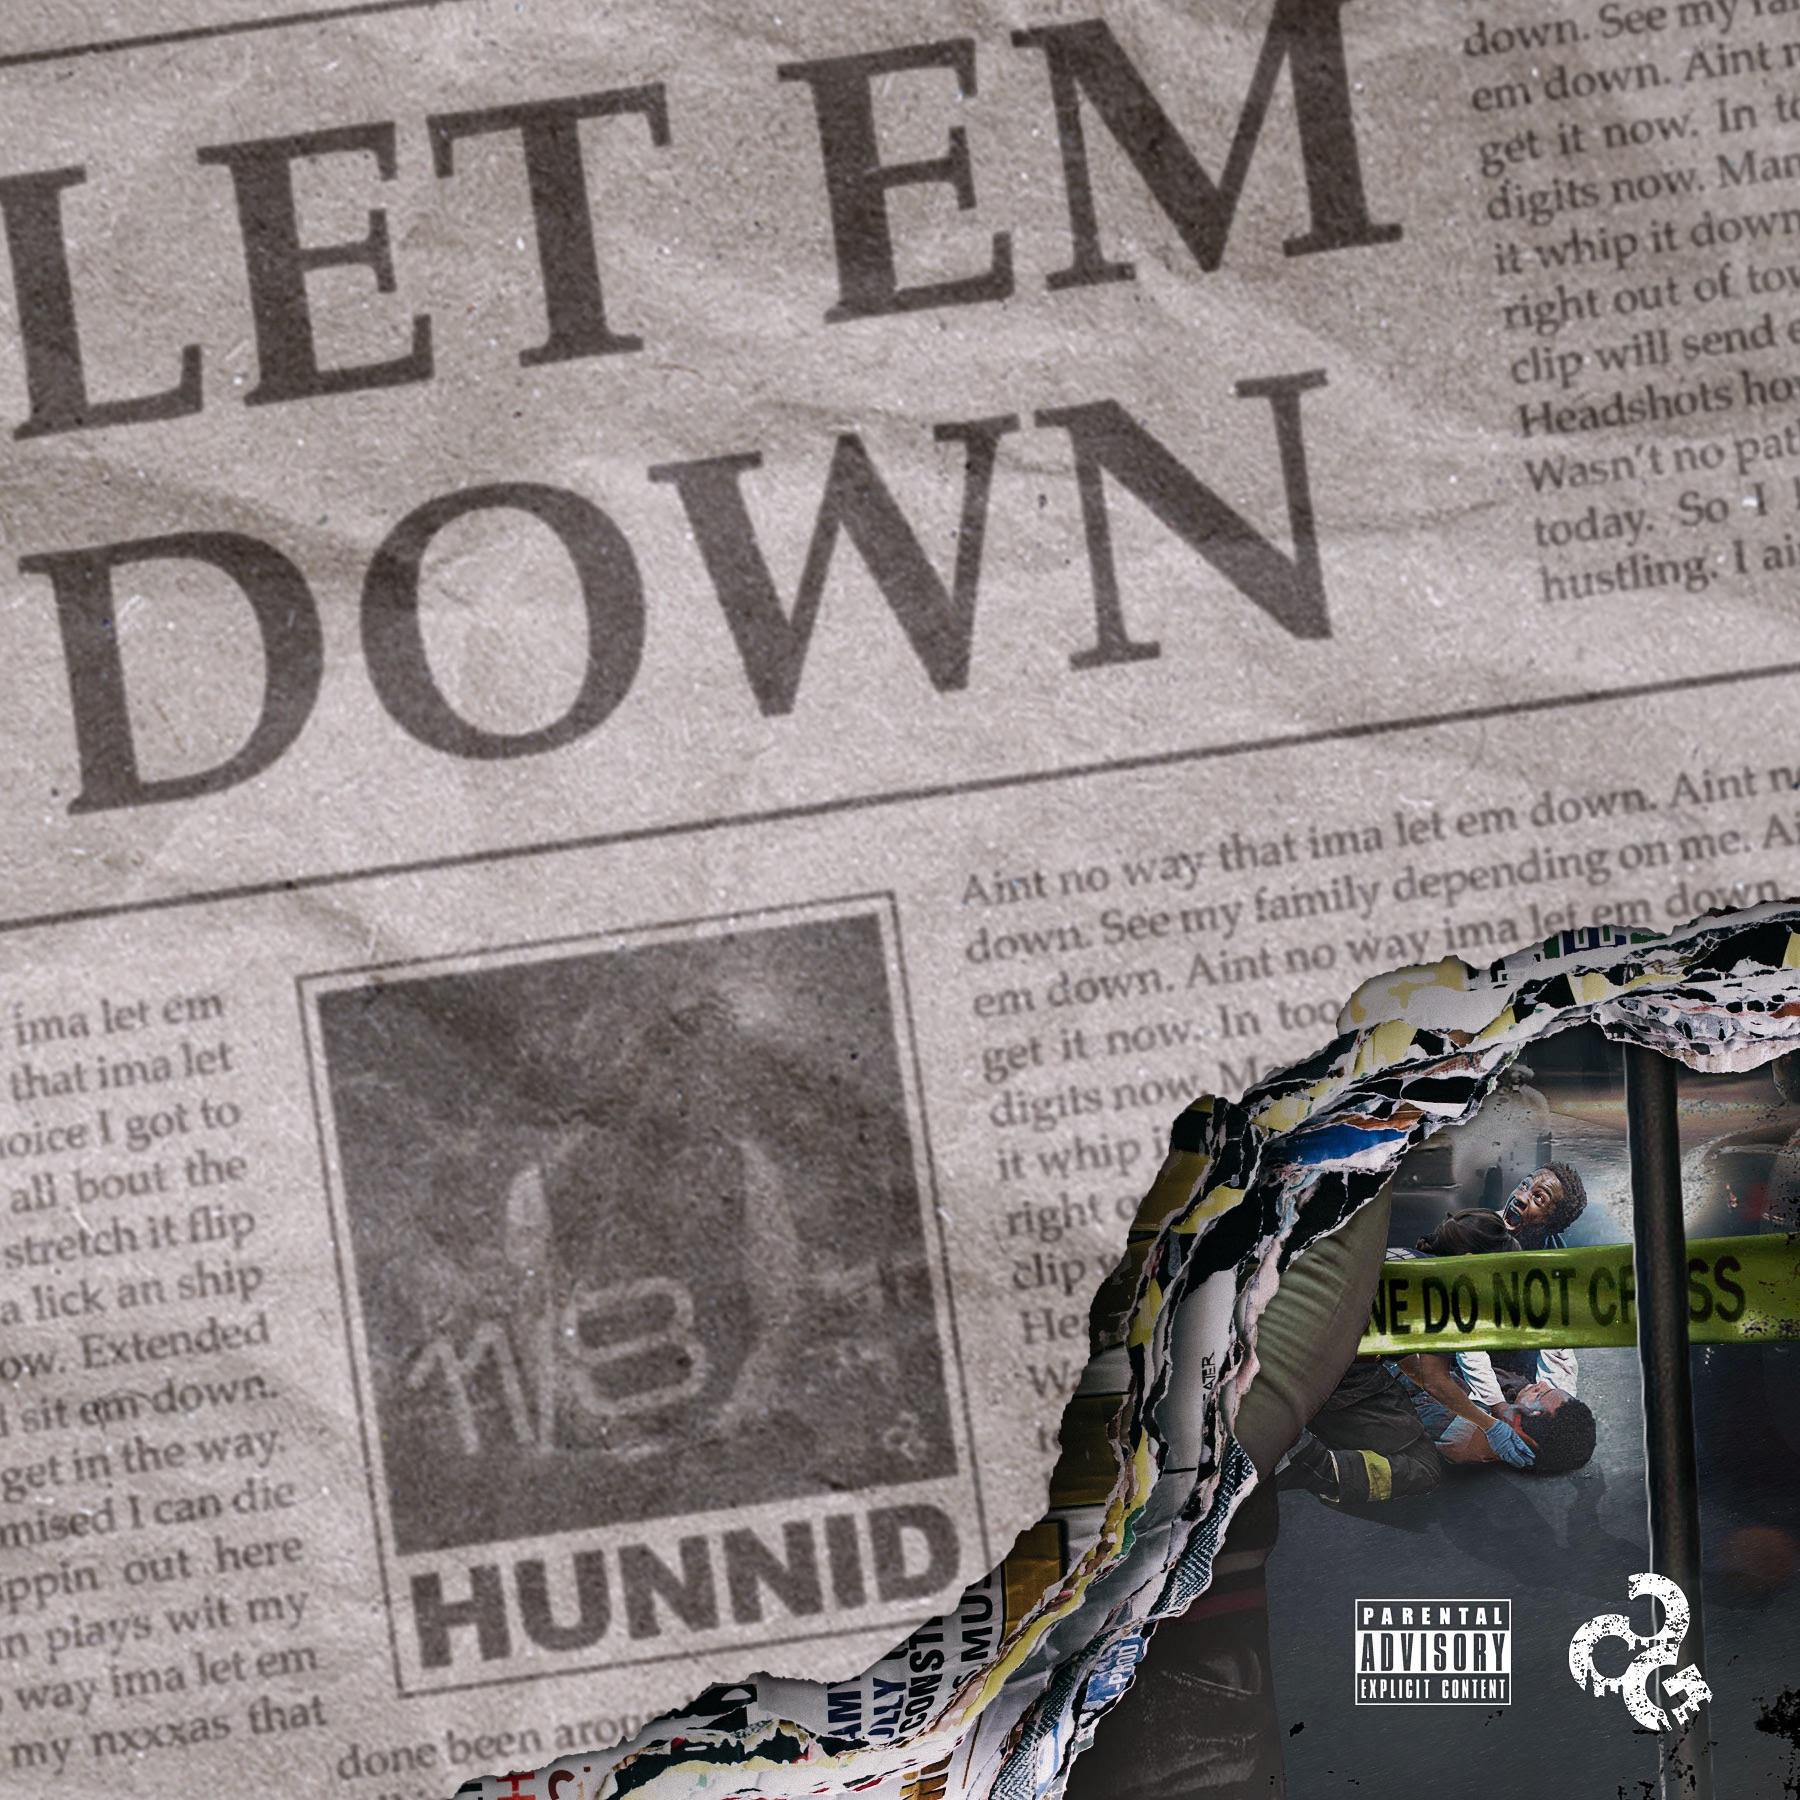 Hunnid – Let Em Down